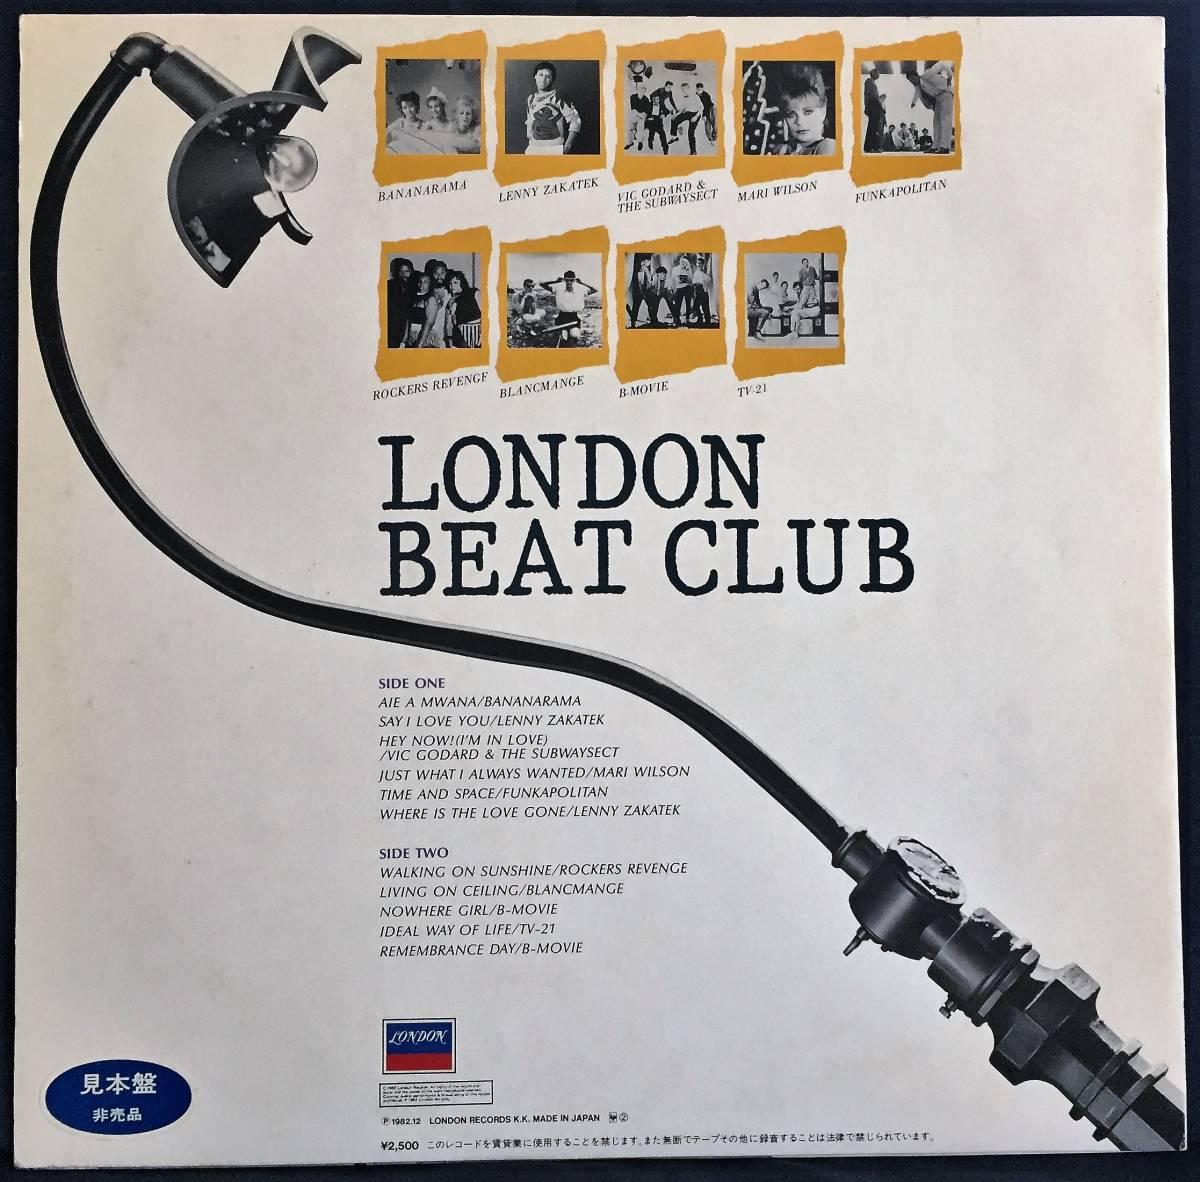 見本盤 sample 解説付 LP ロンドン・ビート・クラブ LONDON BEAT CLUB L25P-1088_画像2